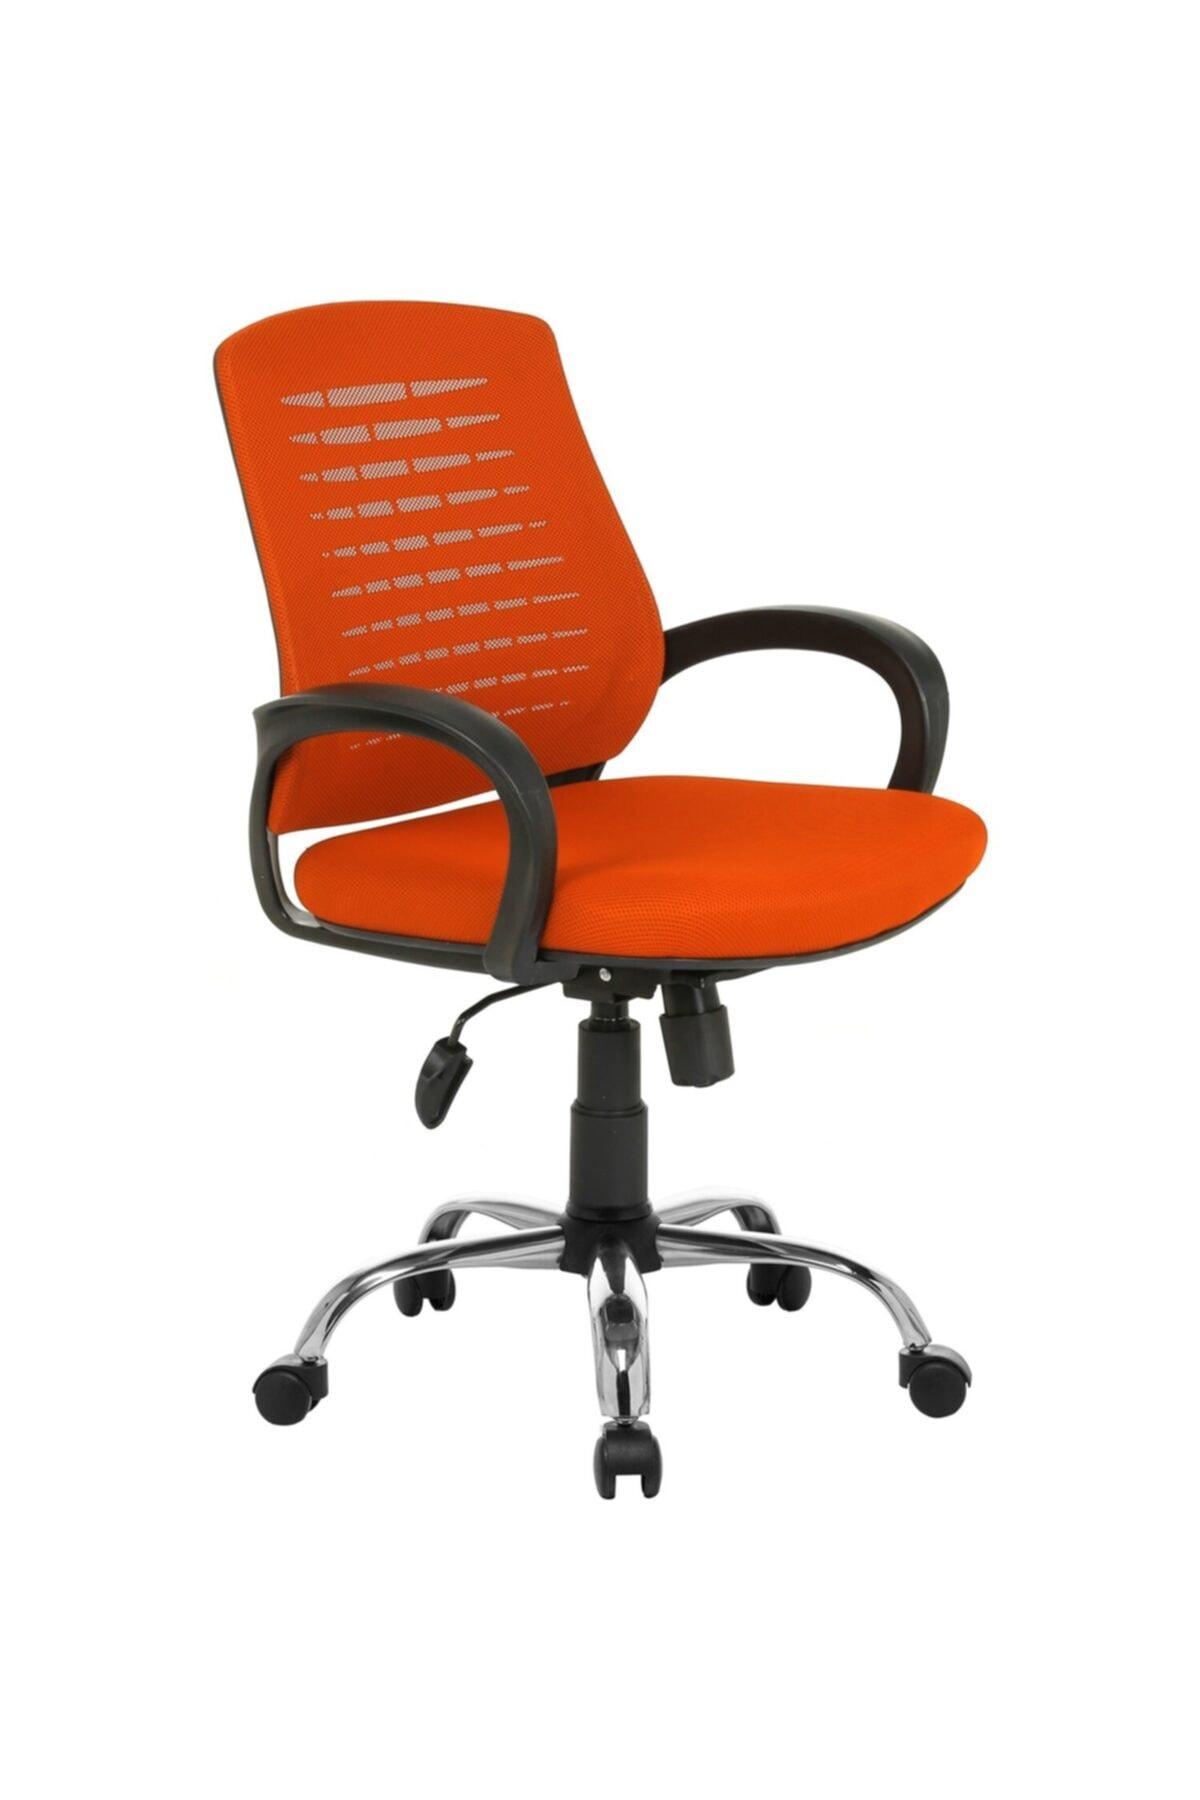 Fabrika Sers Büro Ofis Çalışma Koltuğu-turuncu Bilgisayar Sandalyesi 1